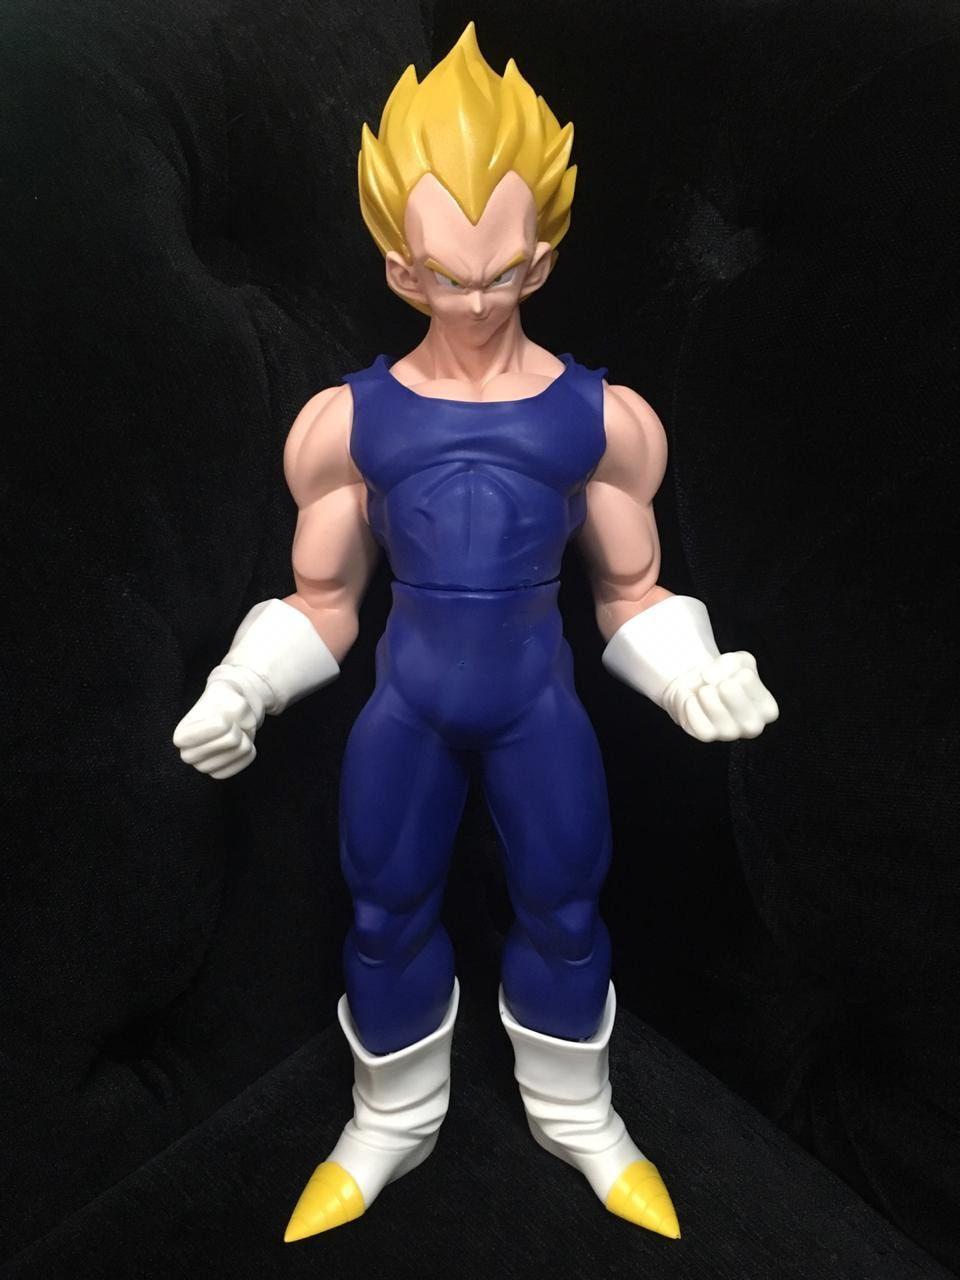 Boneco Vegeta Super Saiyan: Dragon Ball Z (40cm)